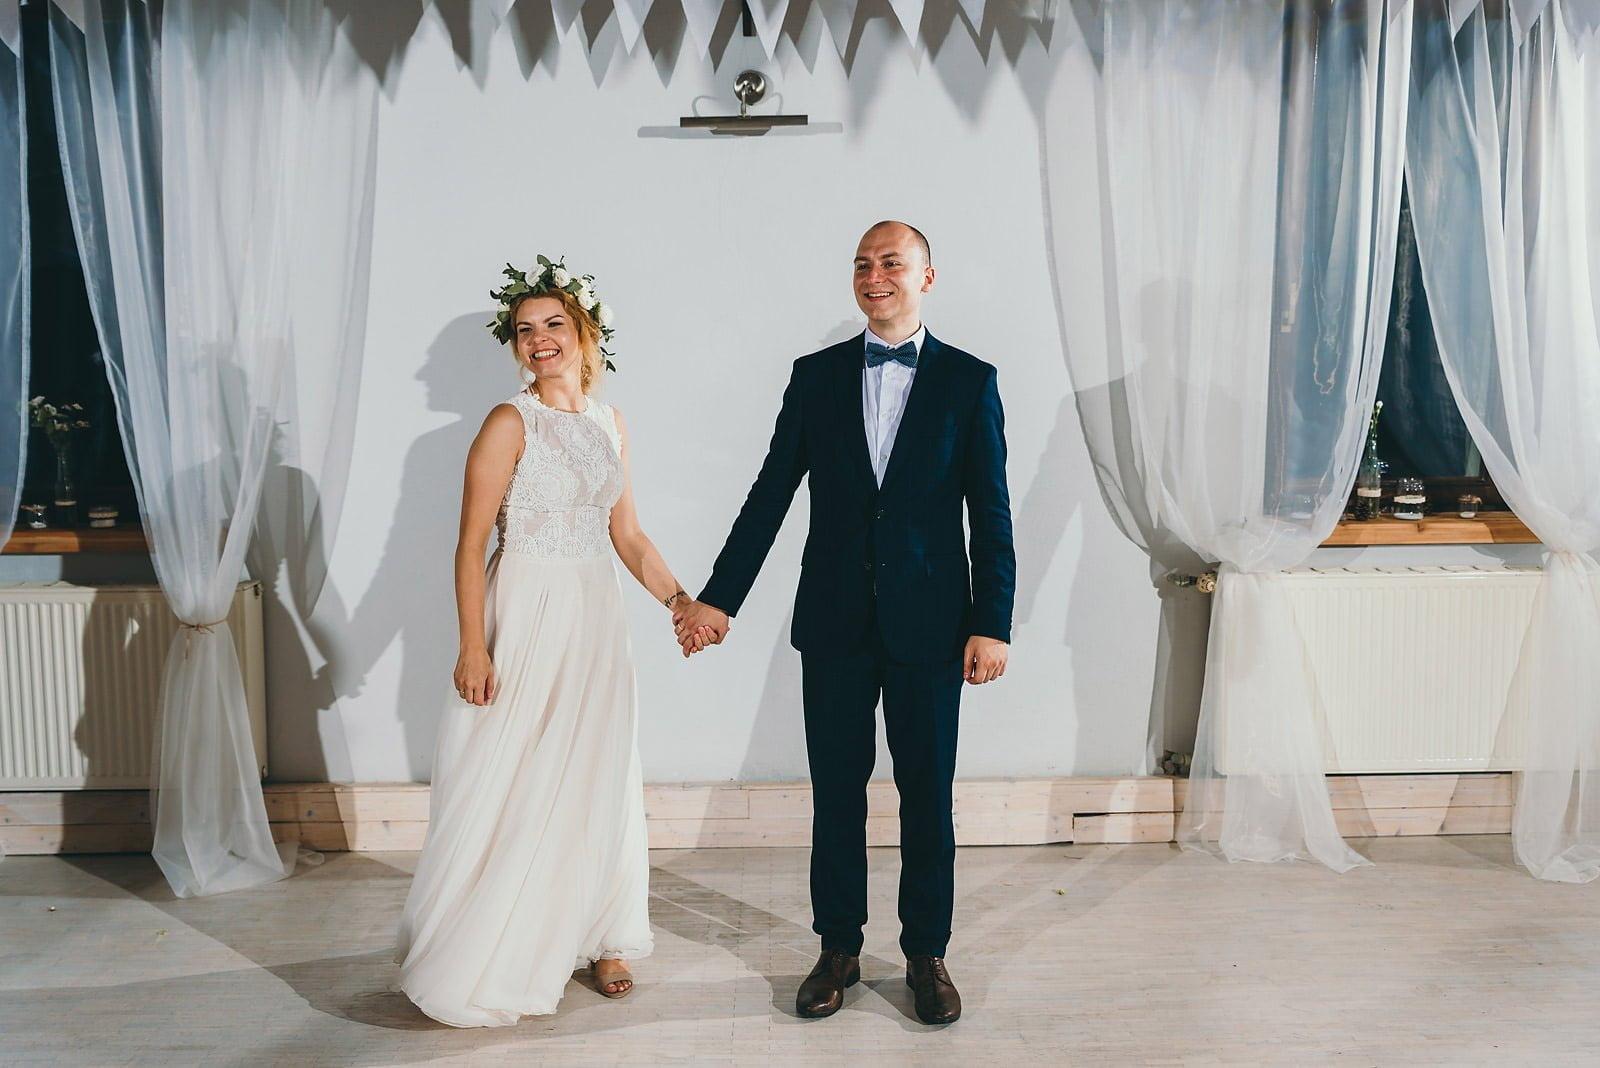 Justyna i Szymon - plenerowy ślub w stylu boho 93